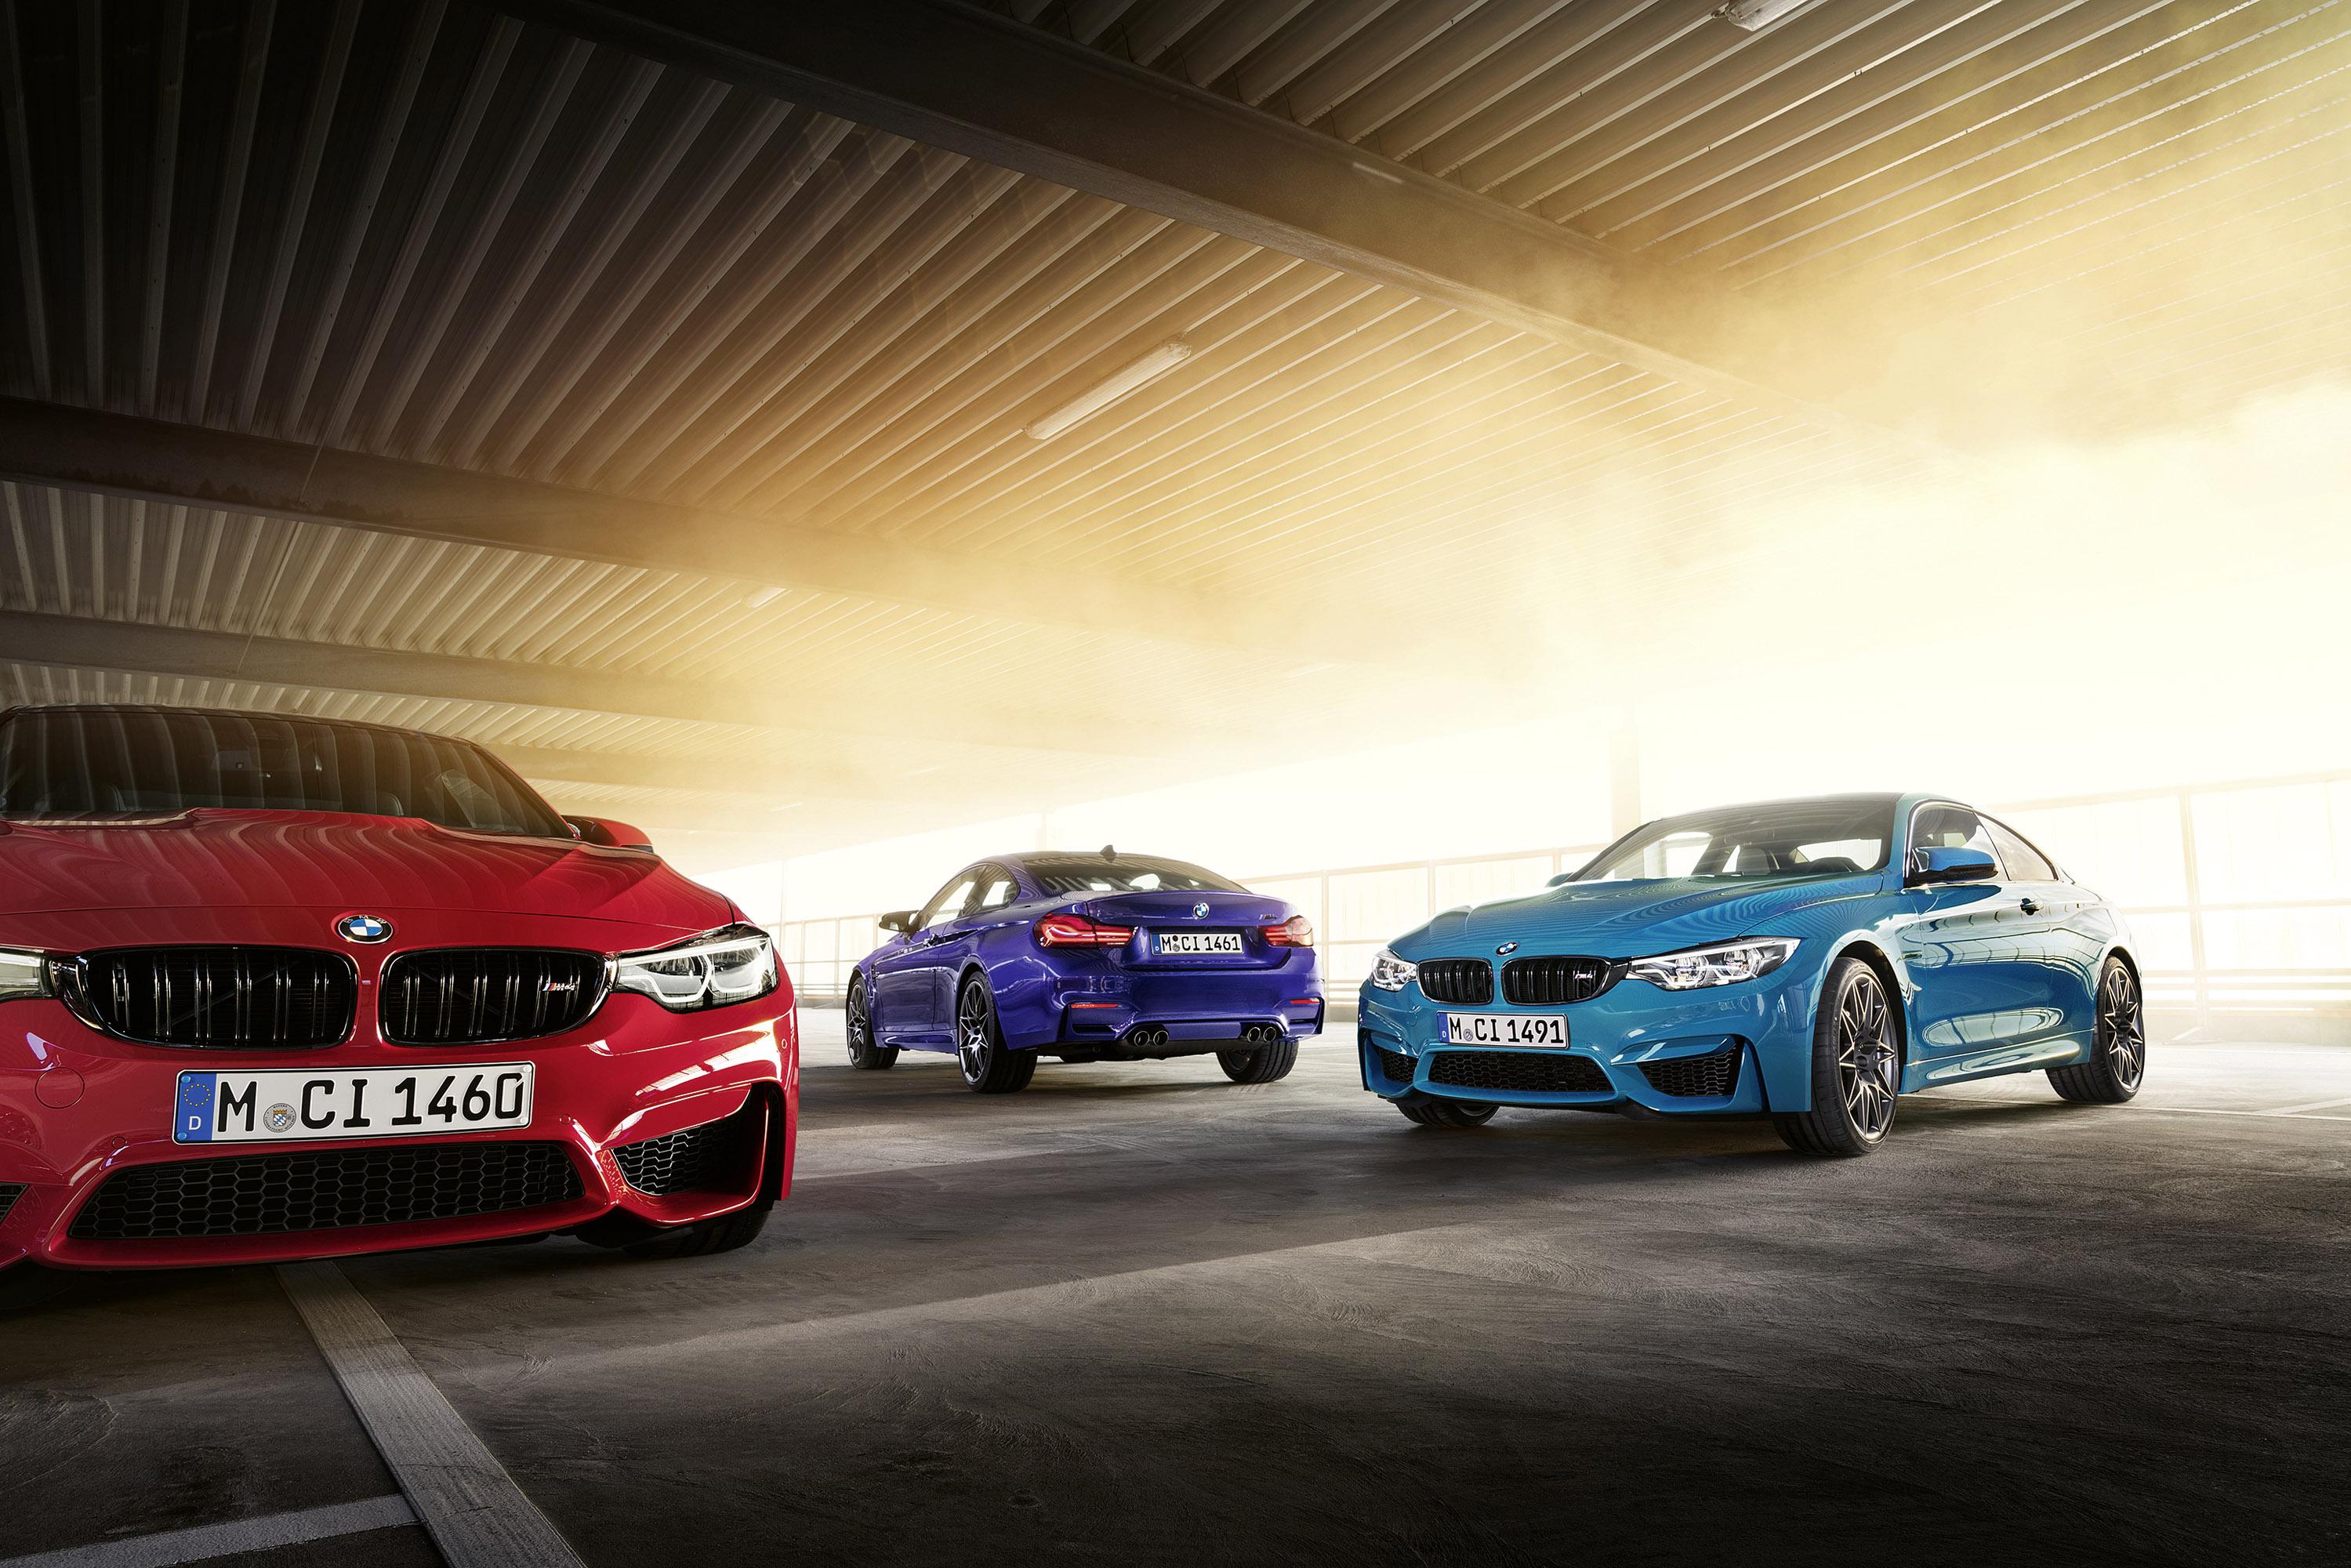 С точки зрения интерьера, BMW M4 Heritage Edition получает эксклюзивный выбор цветов и материалов.